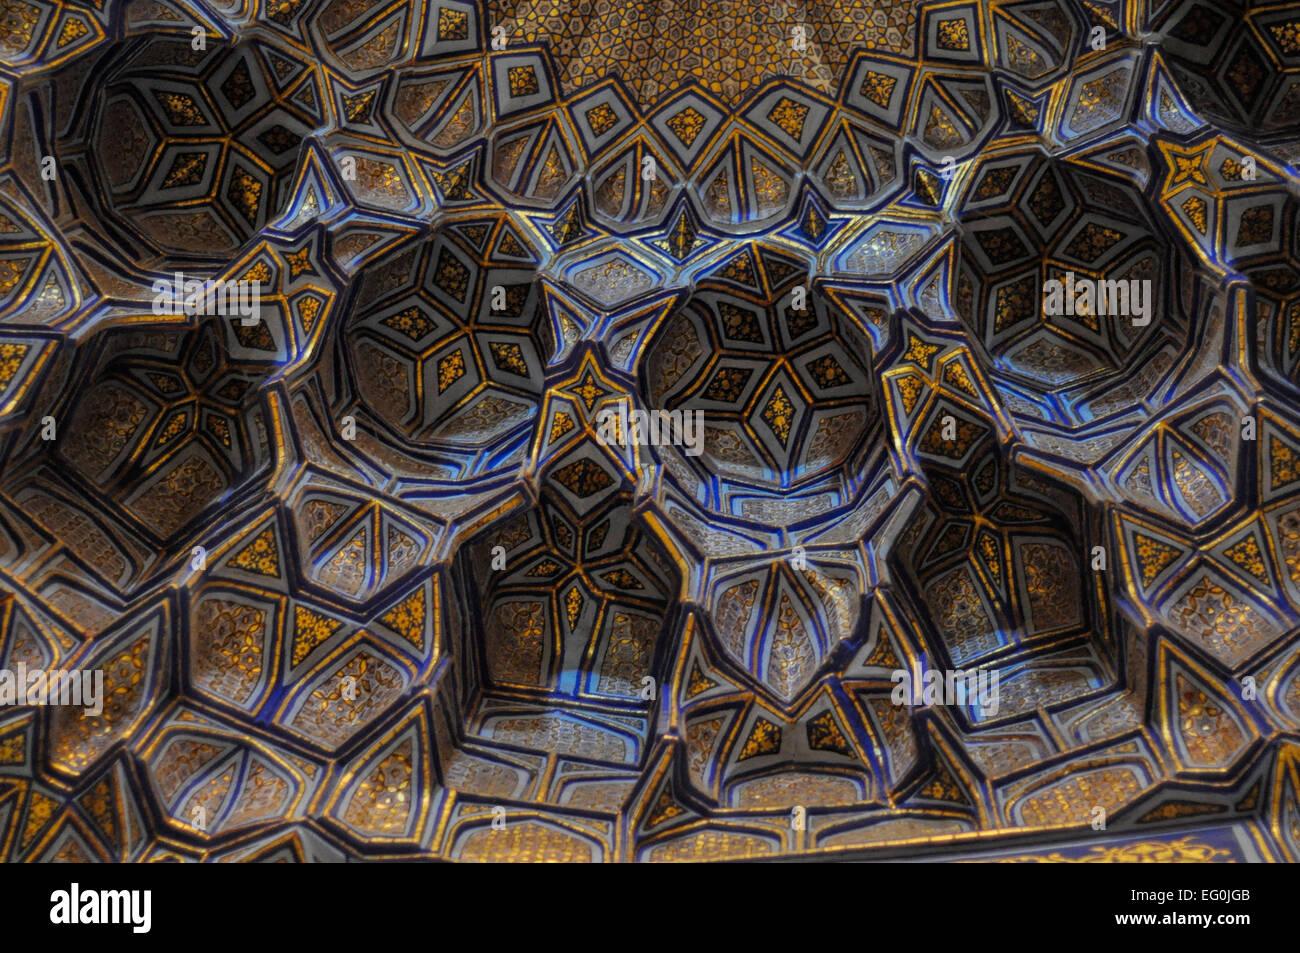 Texturas bellas en las paredes de la mezquita en Samarcanda, Uzbekistán Imagen De Stock